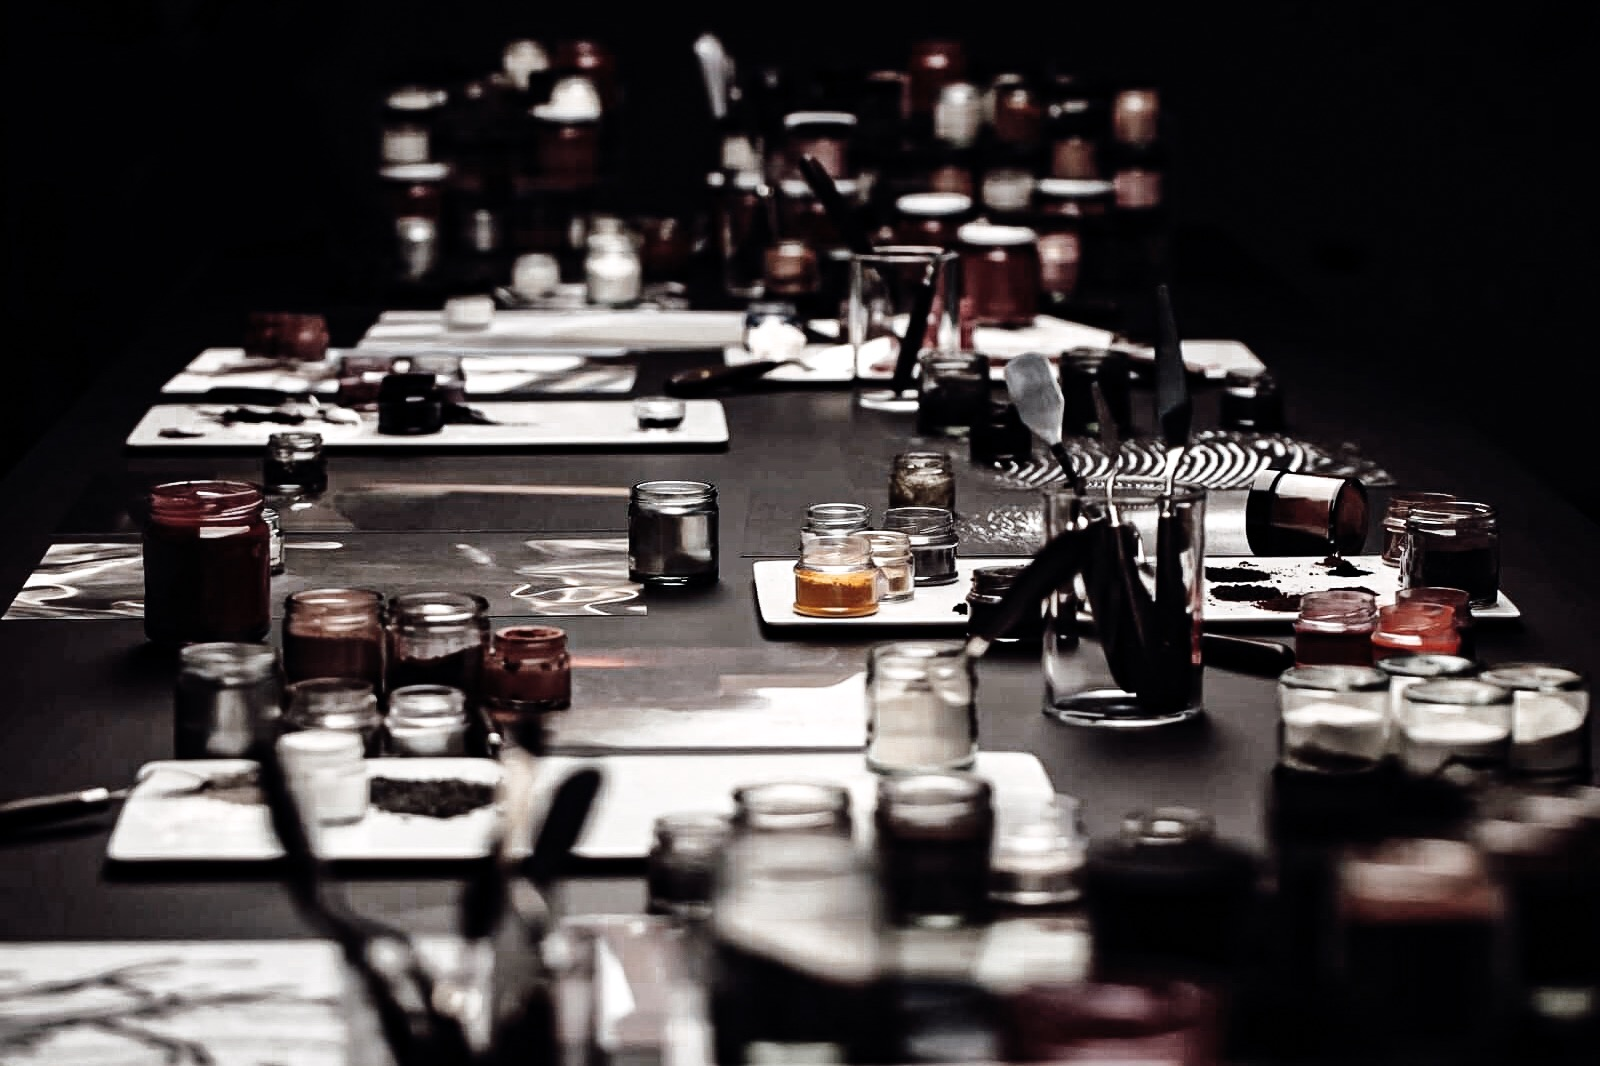 chanel-collection-maquillage-automne-hiver-2019-noir-et-blanc